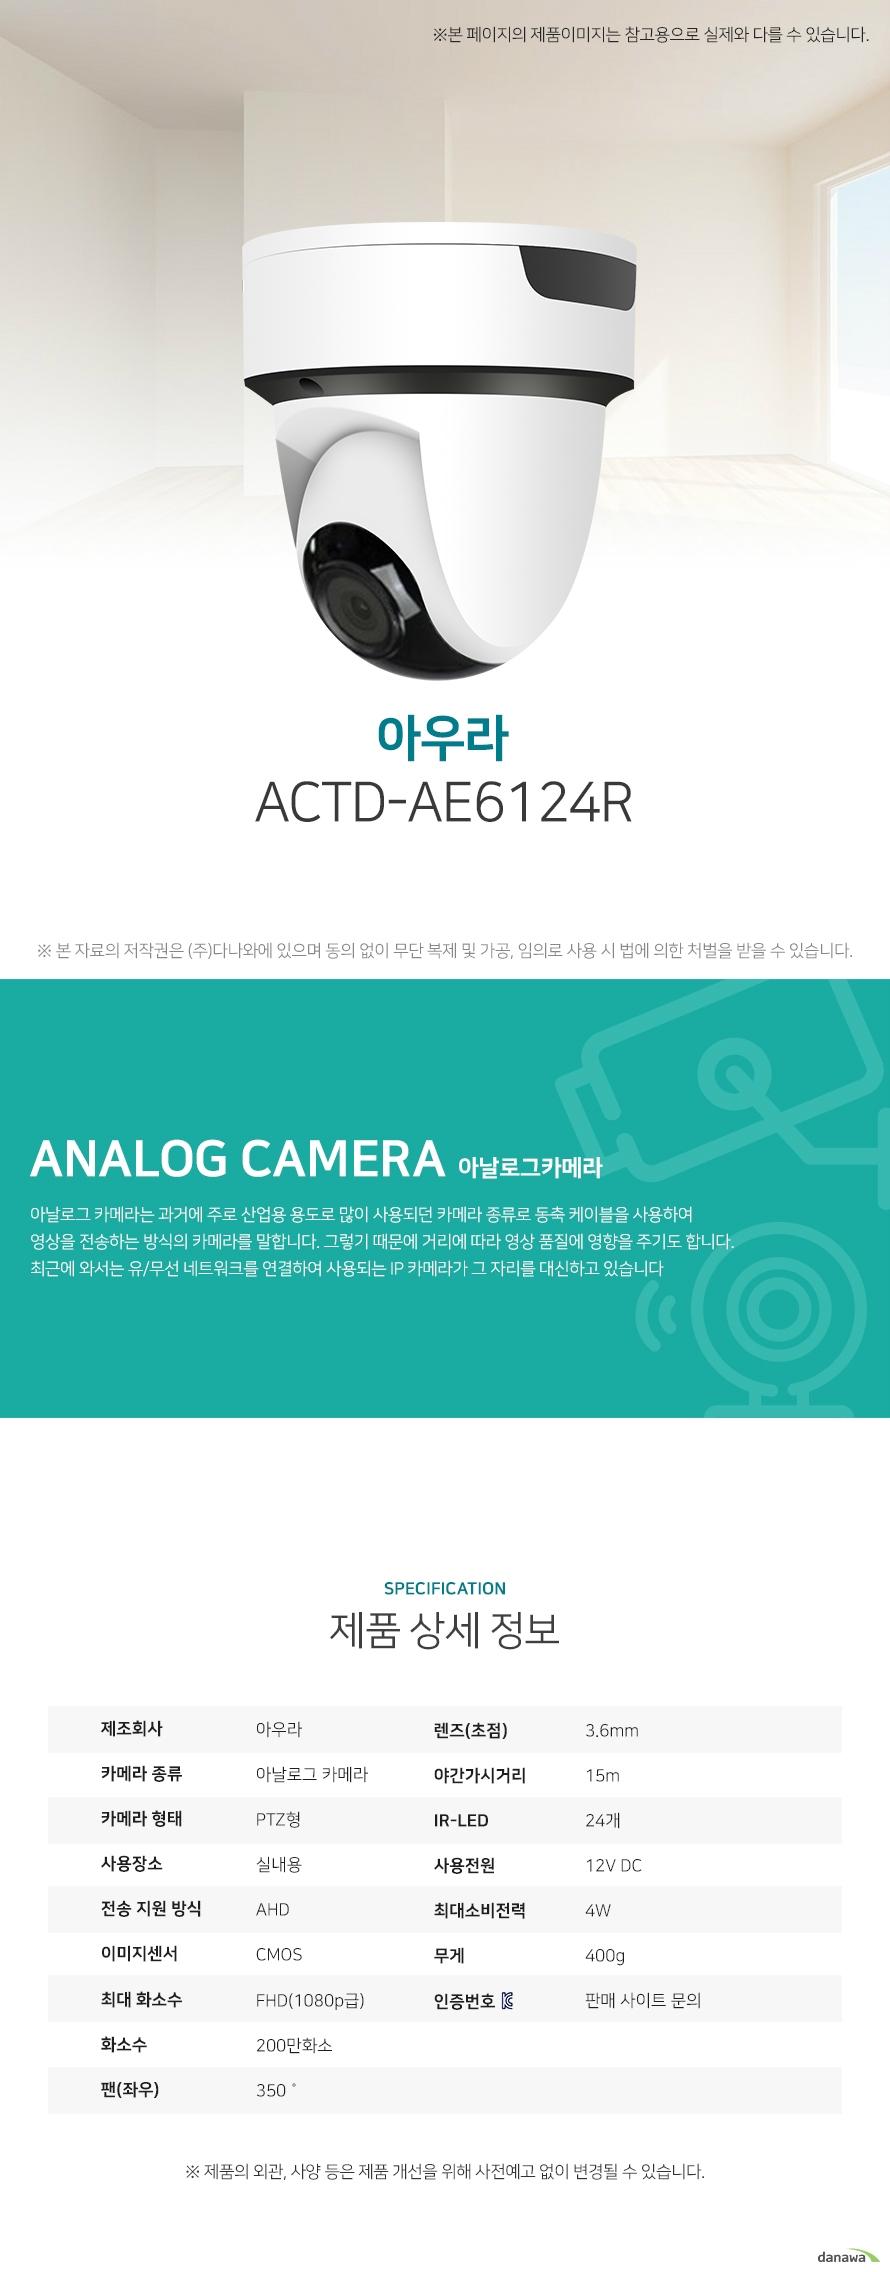 아우라 ACTD-AE6124R 상세 스펙 아날로그 카메라 / PTZ형 / 실내용 / AHD / CMOS / 200만화소 / FHD(1080p급) / 지원속도: 30fps / 렌즈(초점): 3.6mm / 팬(좌우): 350˚ / 프라이버시 모드 / 원격각도조정 / 동작감지 / 자동화이트밸런스 / AGC / 역광보정 / 야간(주간)자동전환 / 적외선LED / 야간가시거리: 15m / IR-LED: 24개 / 12V DC / 4W / 무게: 400g